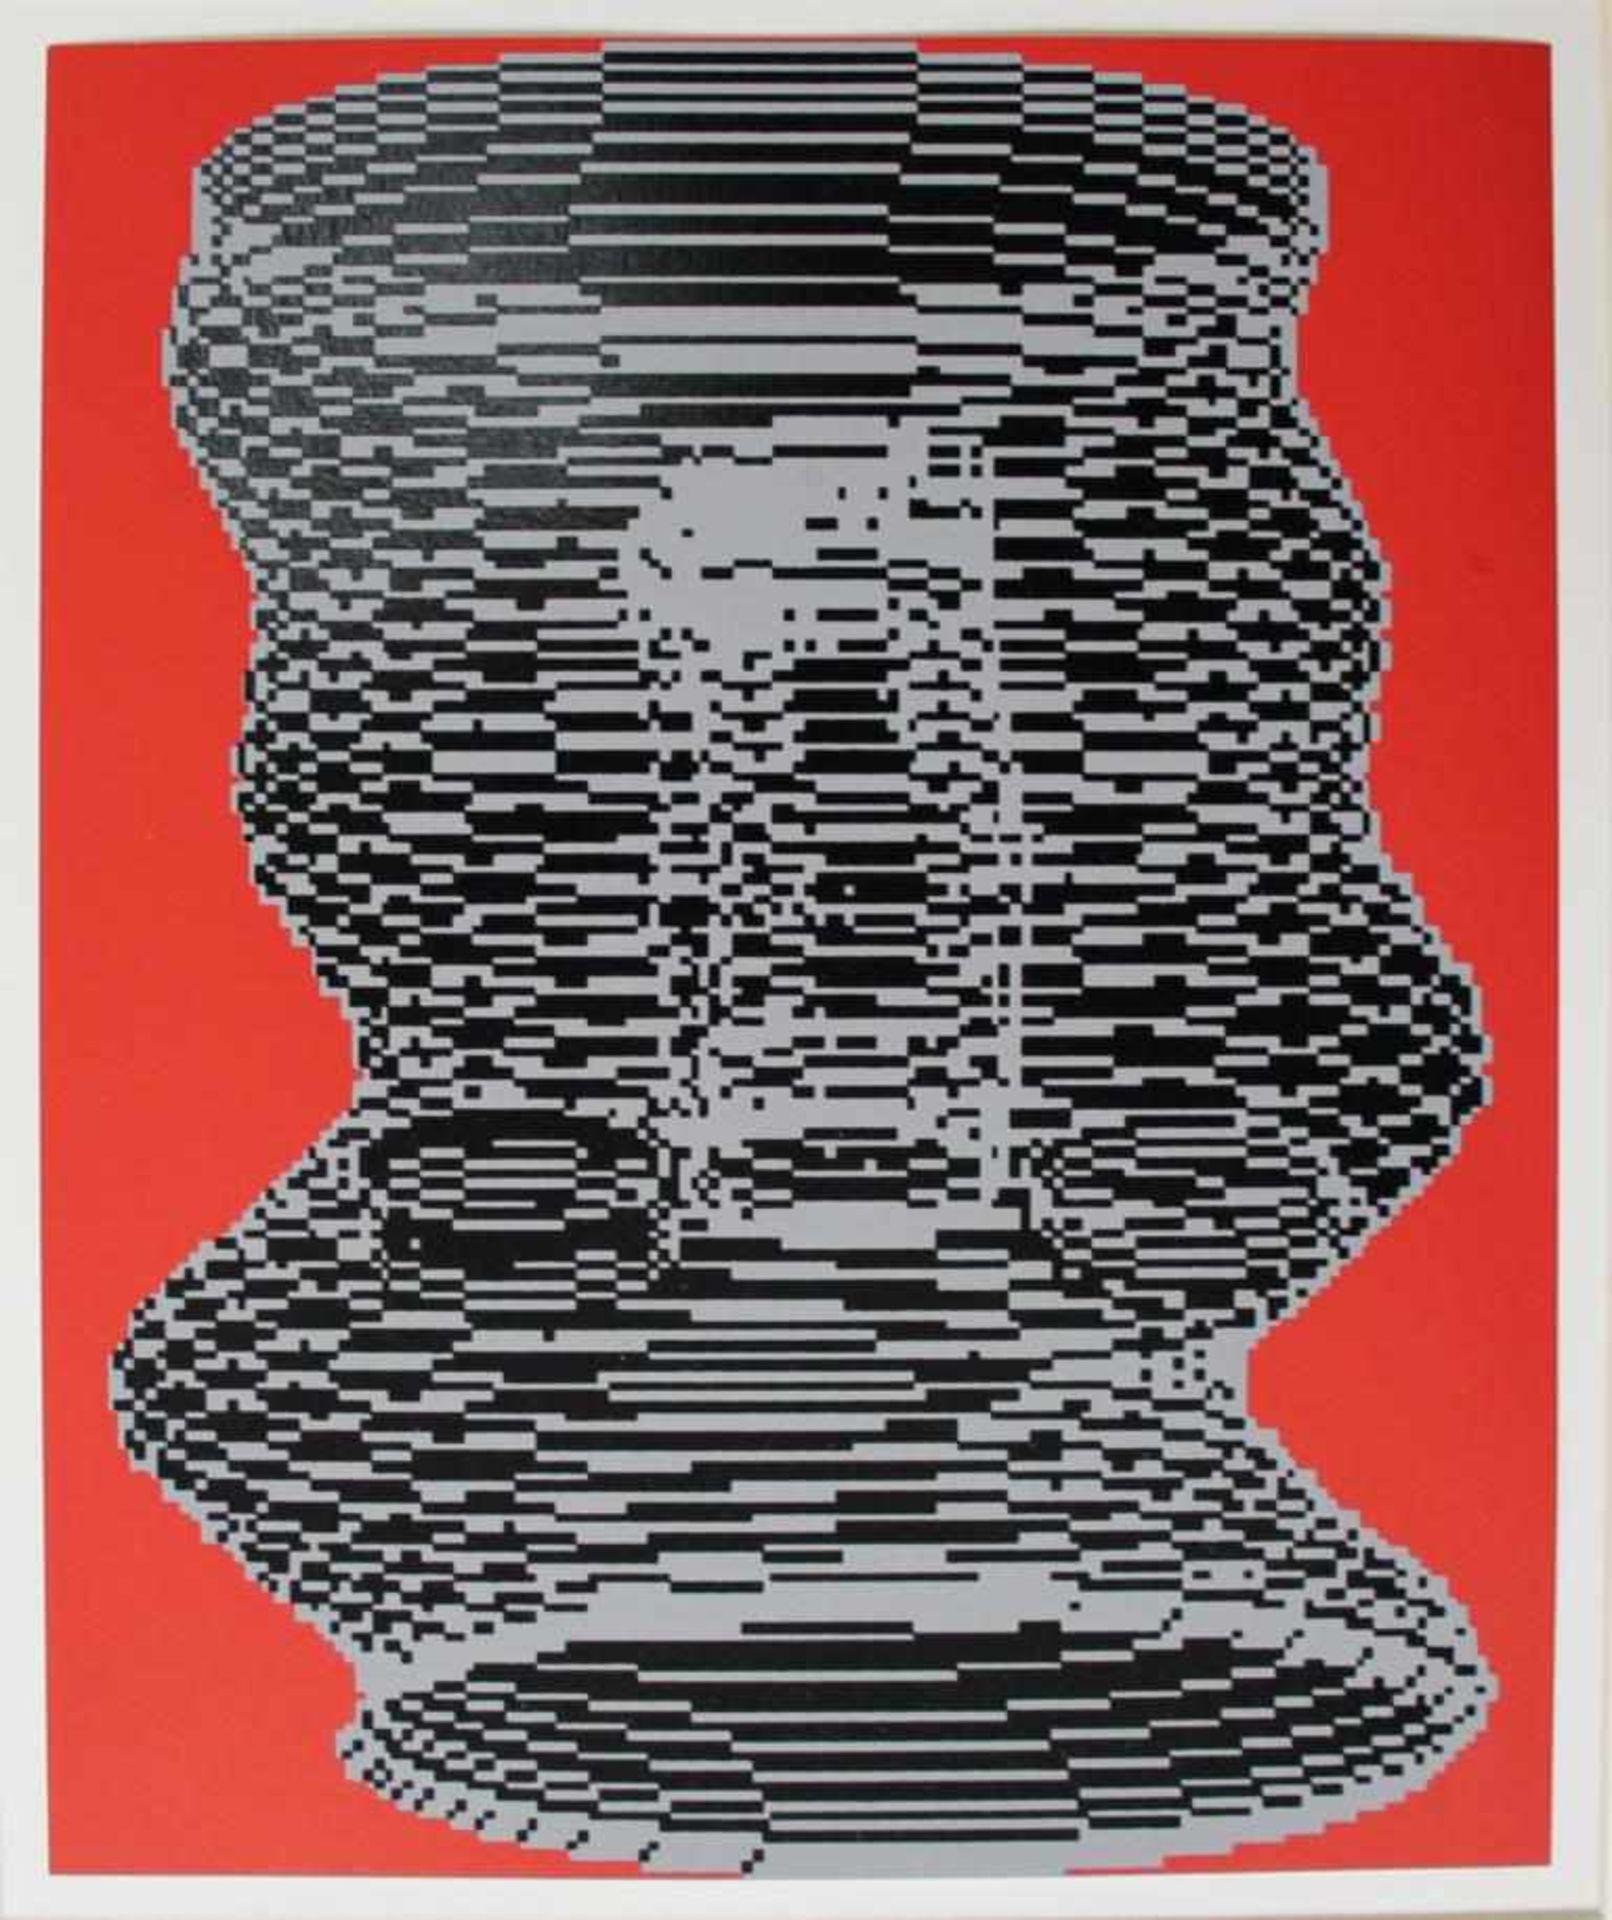 Los 36 - Kogler Peter (geb. 1959) Ohne Titel 1985 Siebdruck handsigniert verso 26 x 21,5 cm